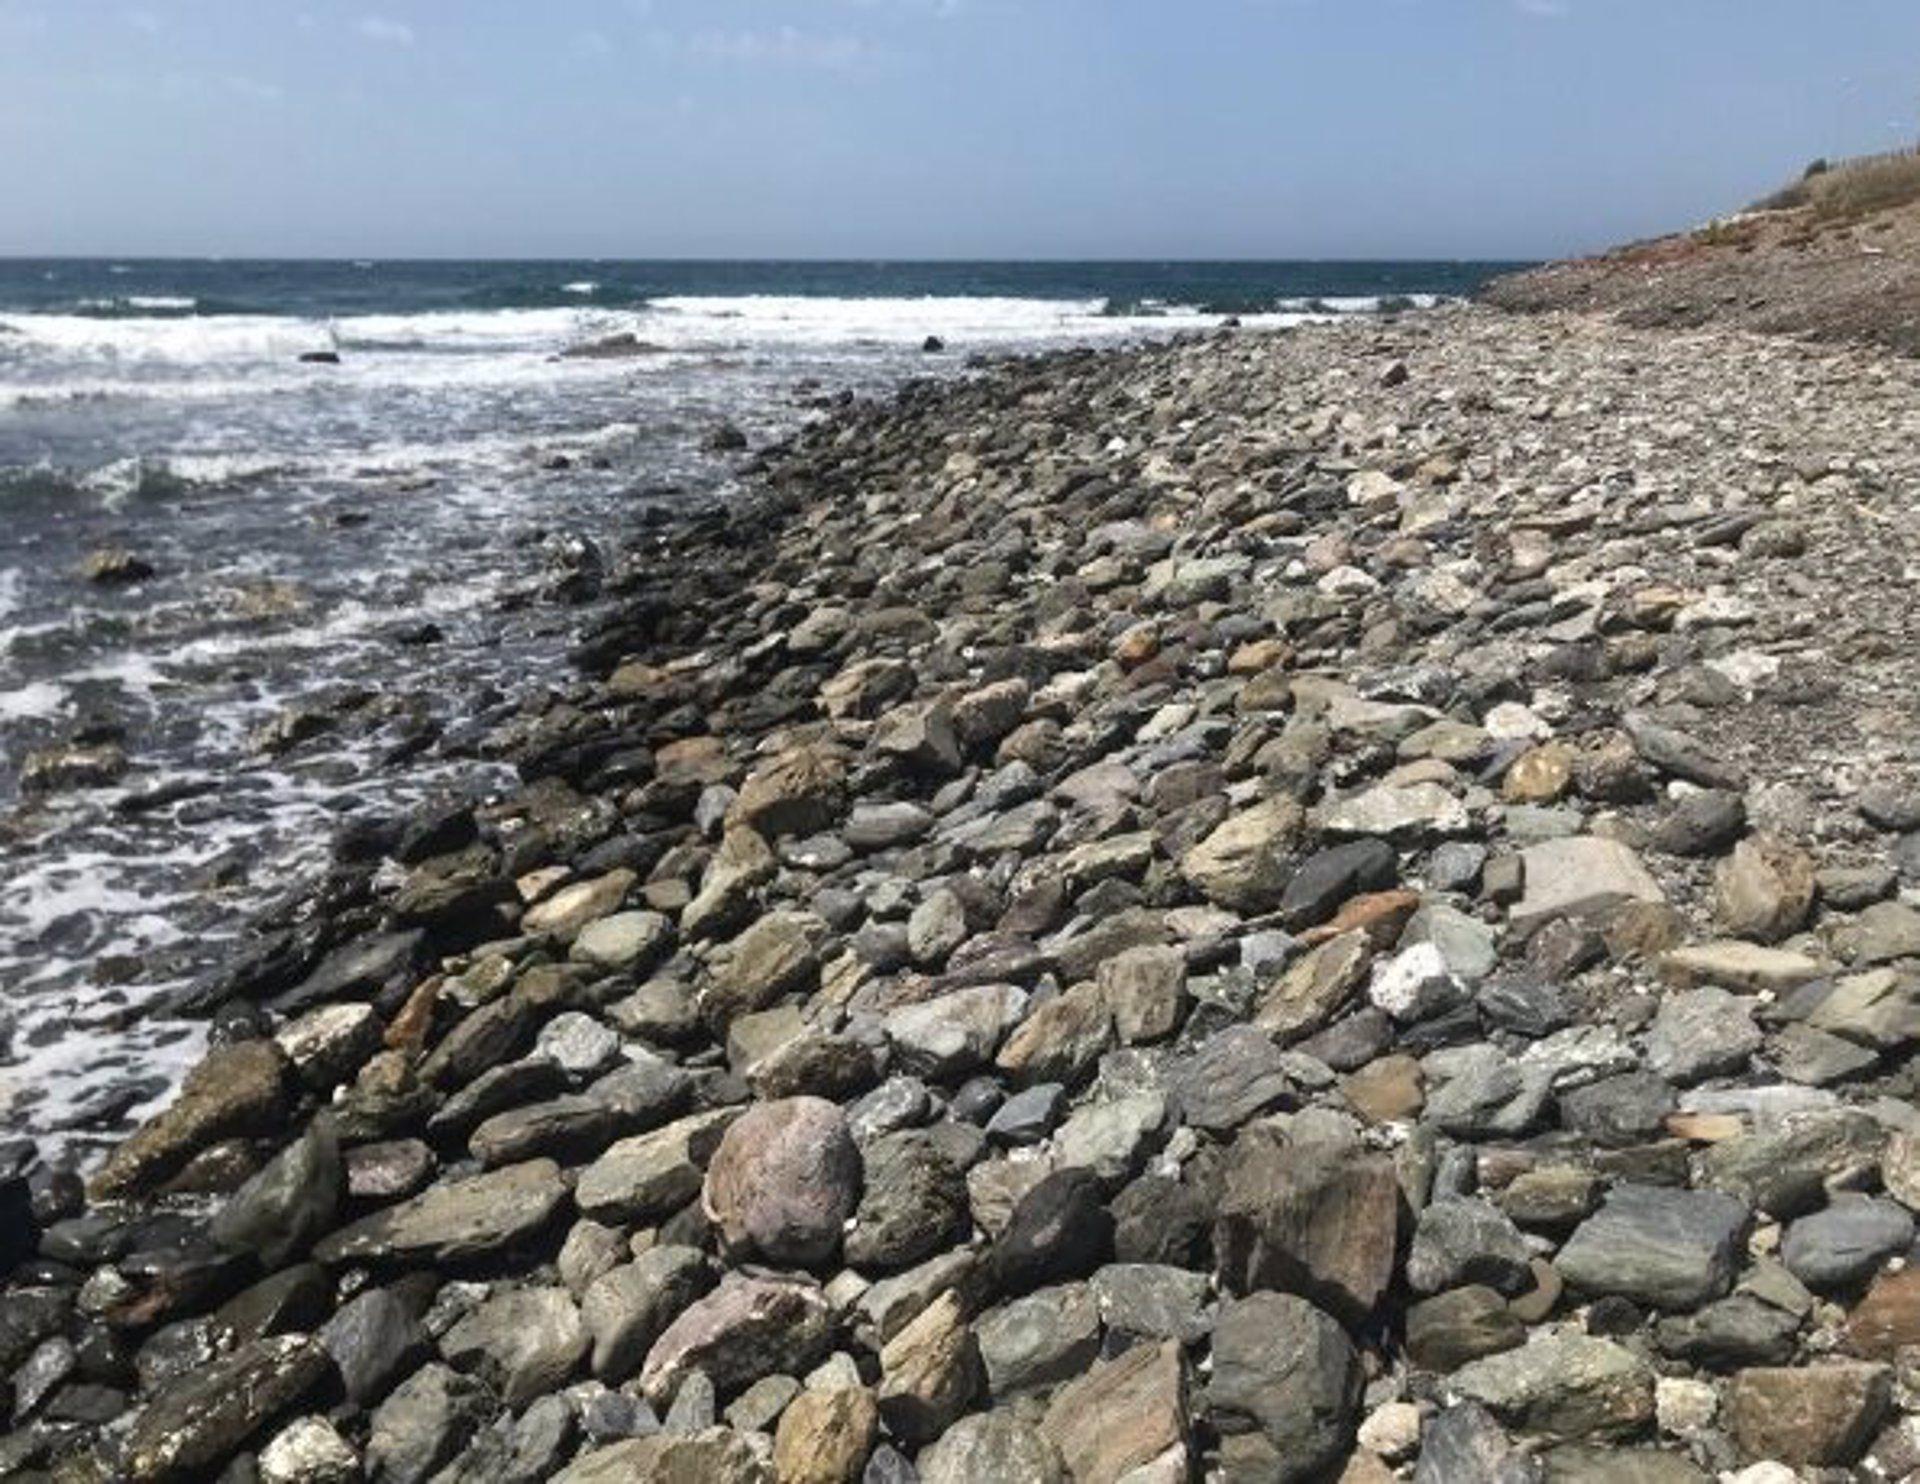 Costas culmina el arreglo de las playas del litoral granadino de cara a la época estival